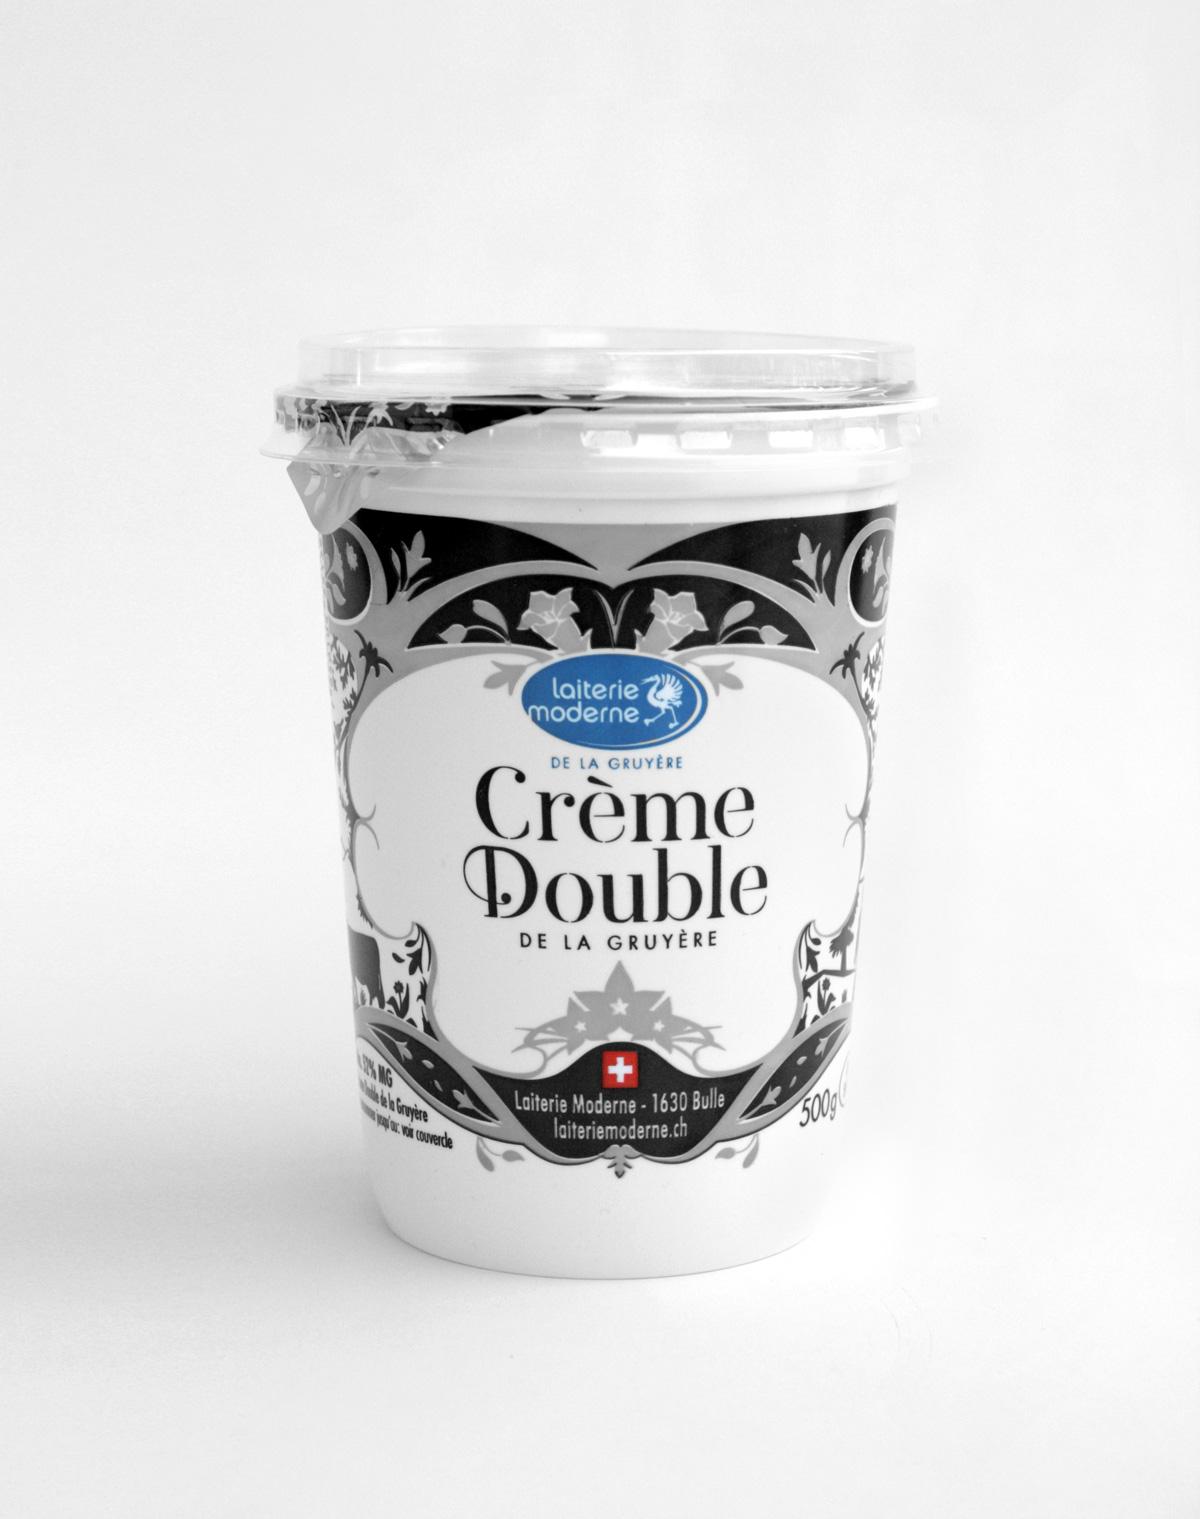 Graphisme de Sandrine Pilloud | Design de pot de yogourt de la Laiterie Moderne | Double crème isolé